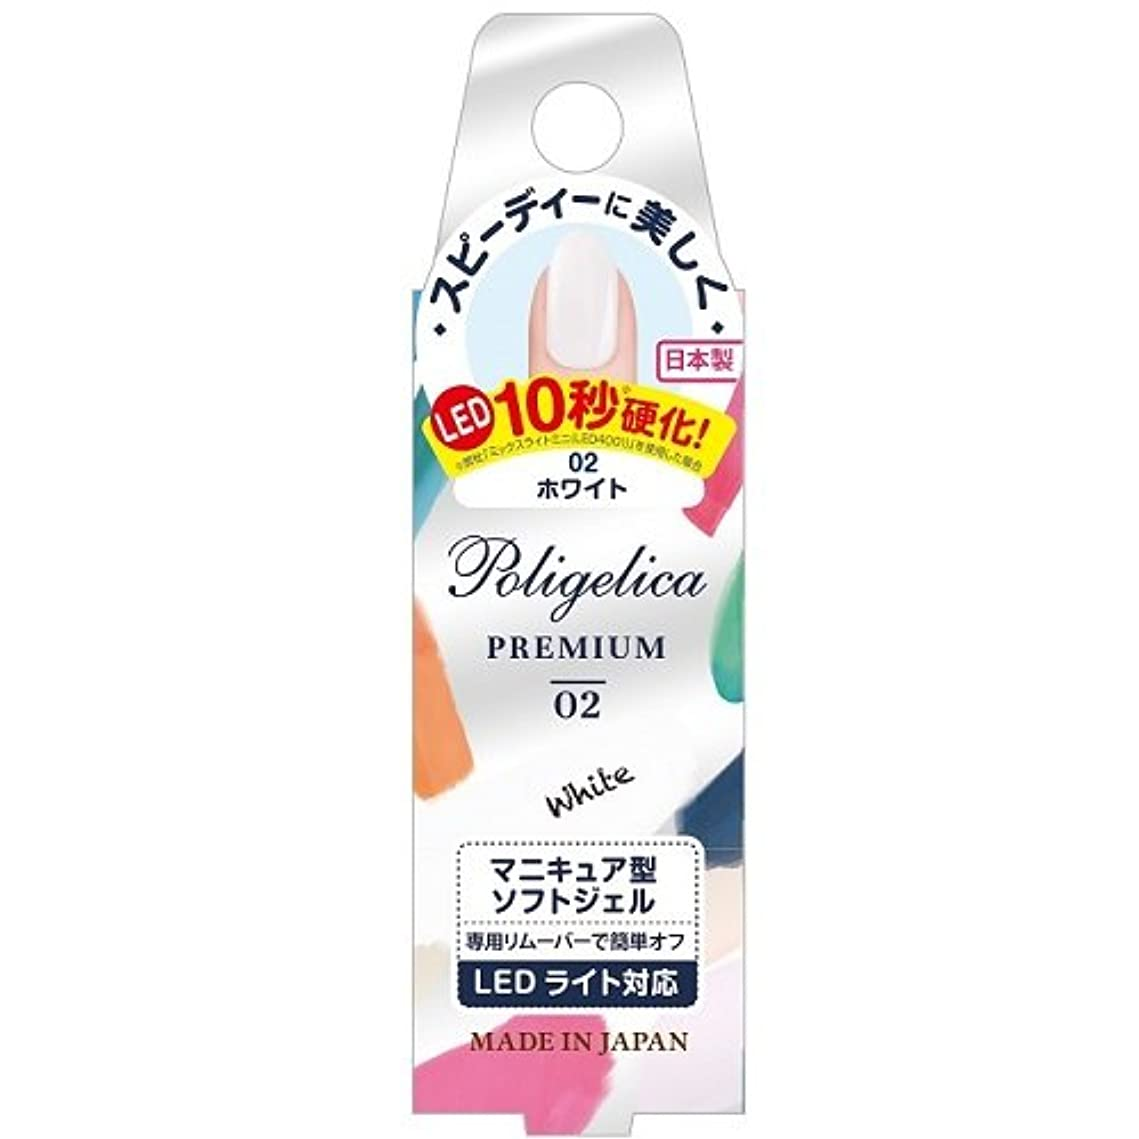 豚アコード大宇宙BW ポリジェリカプレミアム カラージェル 1002/ホワイト (6g)